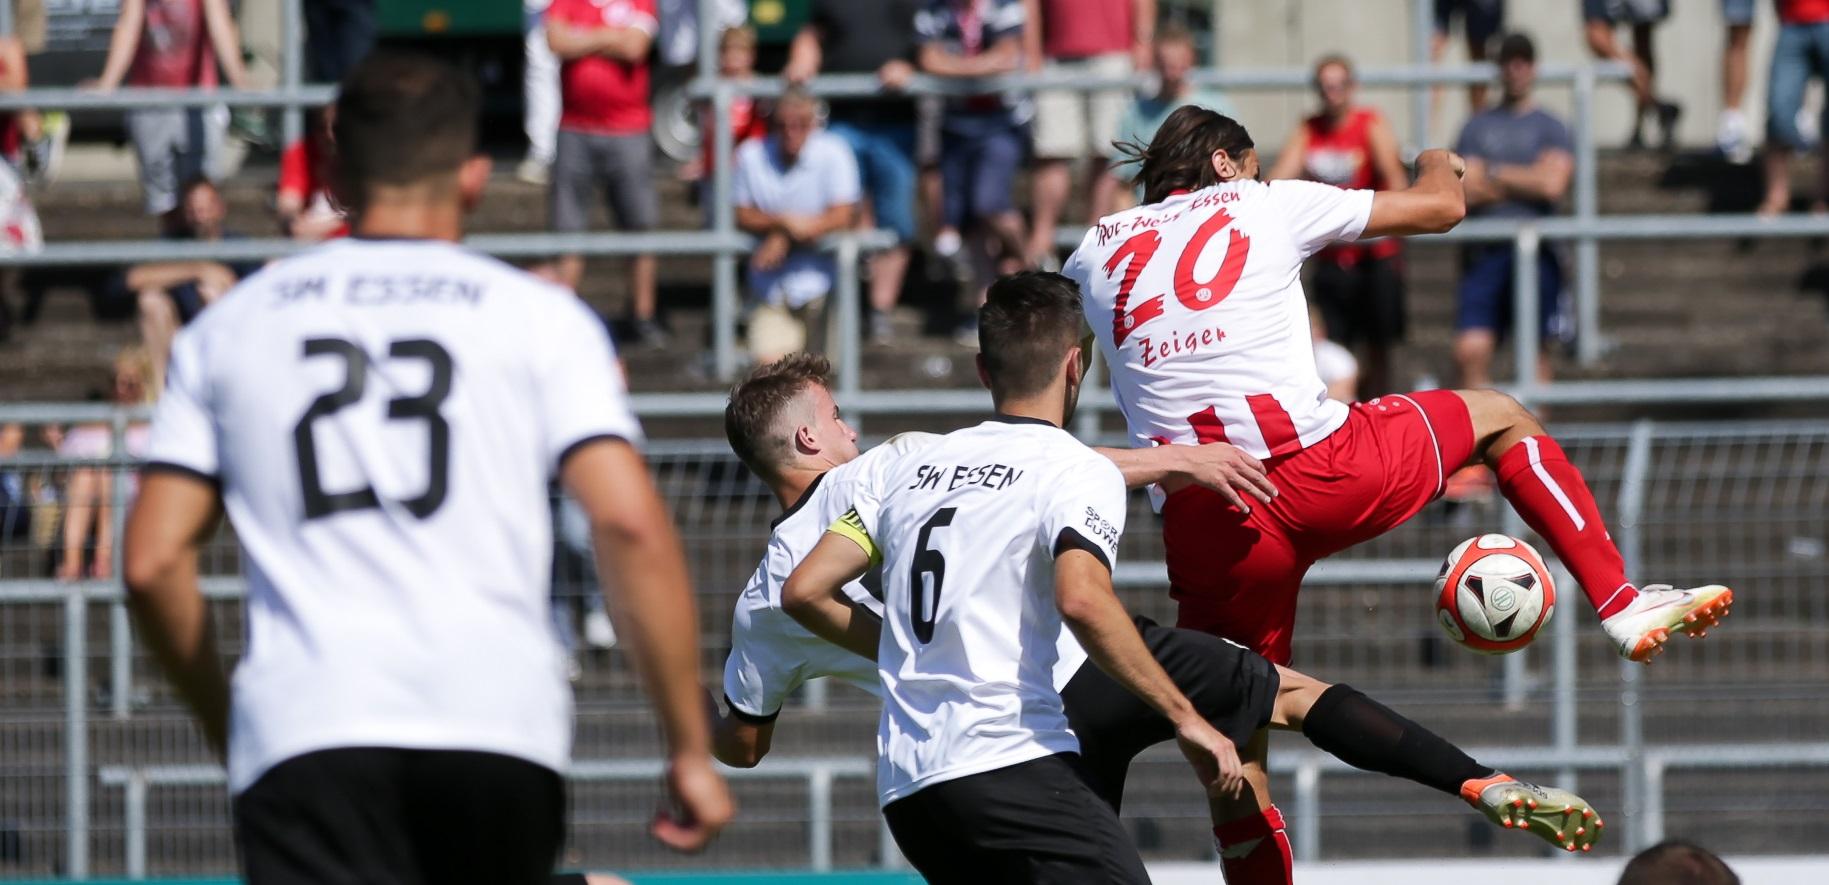 Am 6. Juli testet Rot-Weiss Essen gegen den ETB SW. Tickets gibt es ab heute. (Foto: Endberg)